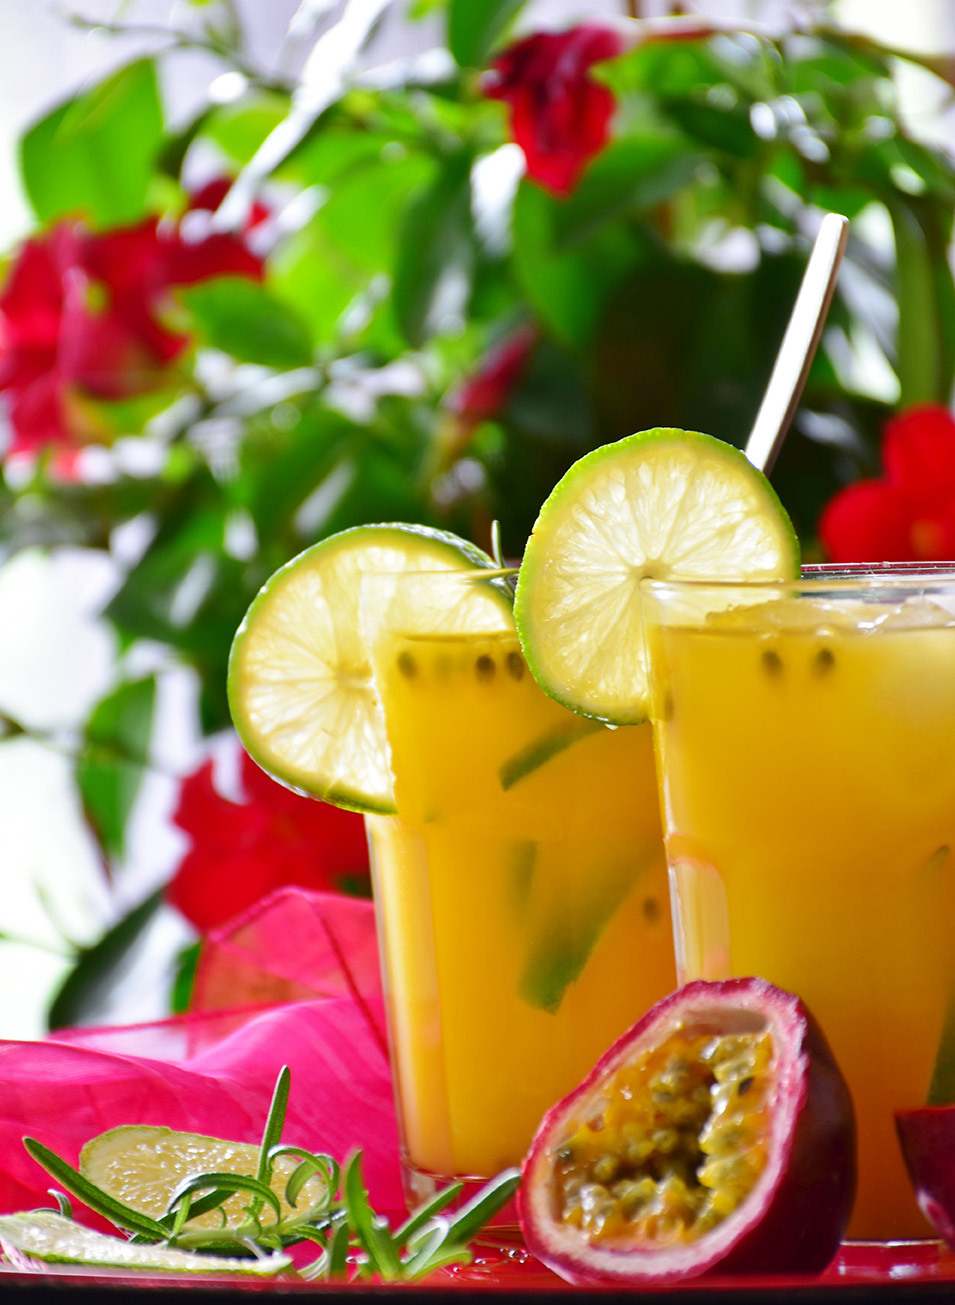 Cocktails und Maracuja Früchte